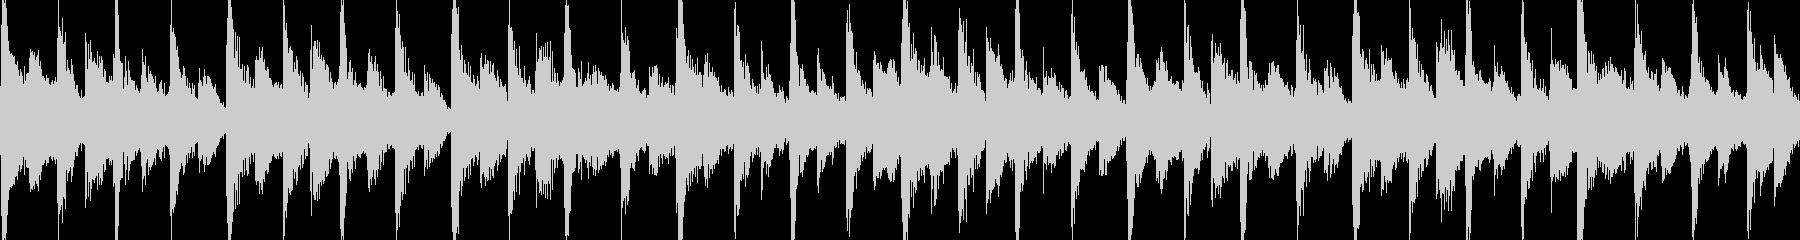 80年代のポップロック調のジングルループの未再生の波形